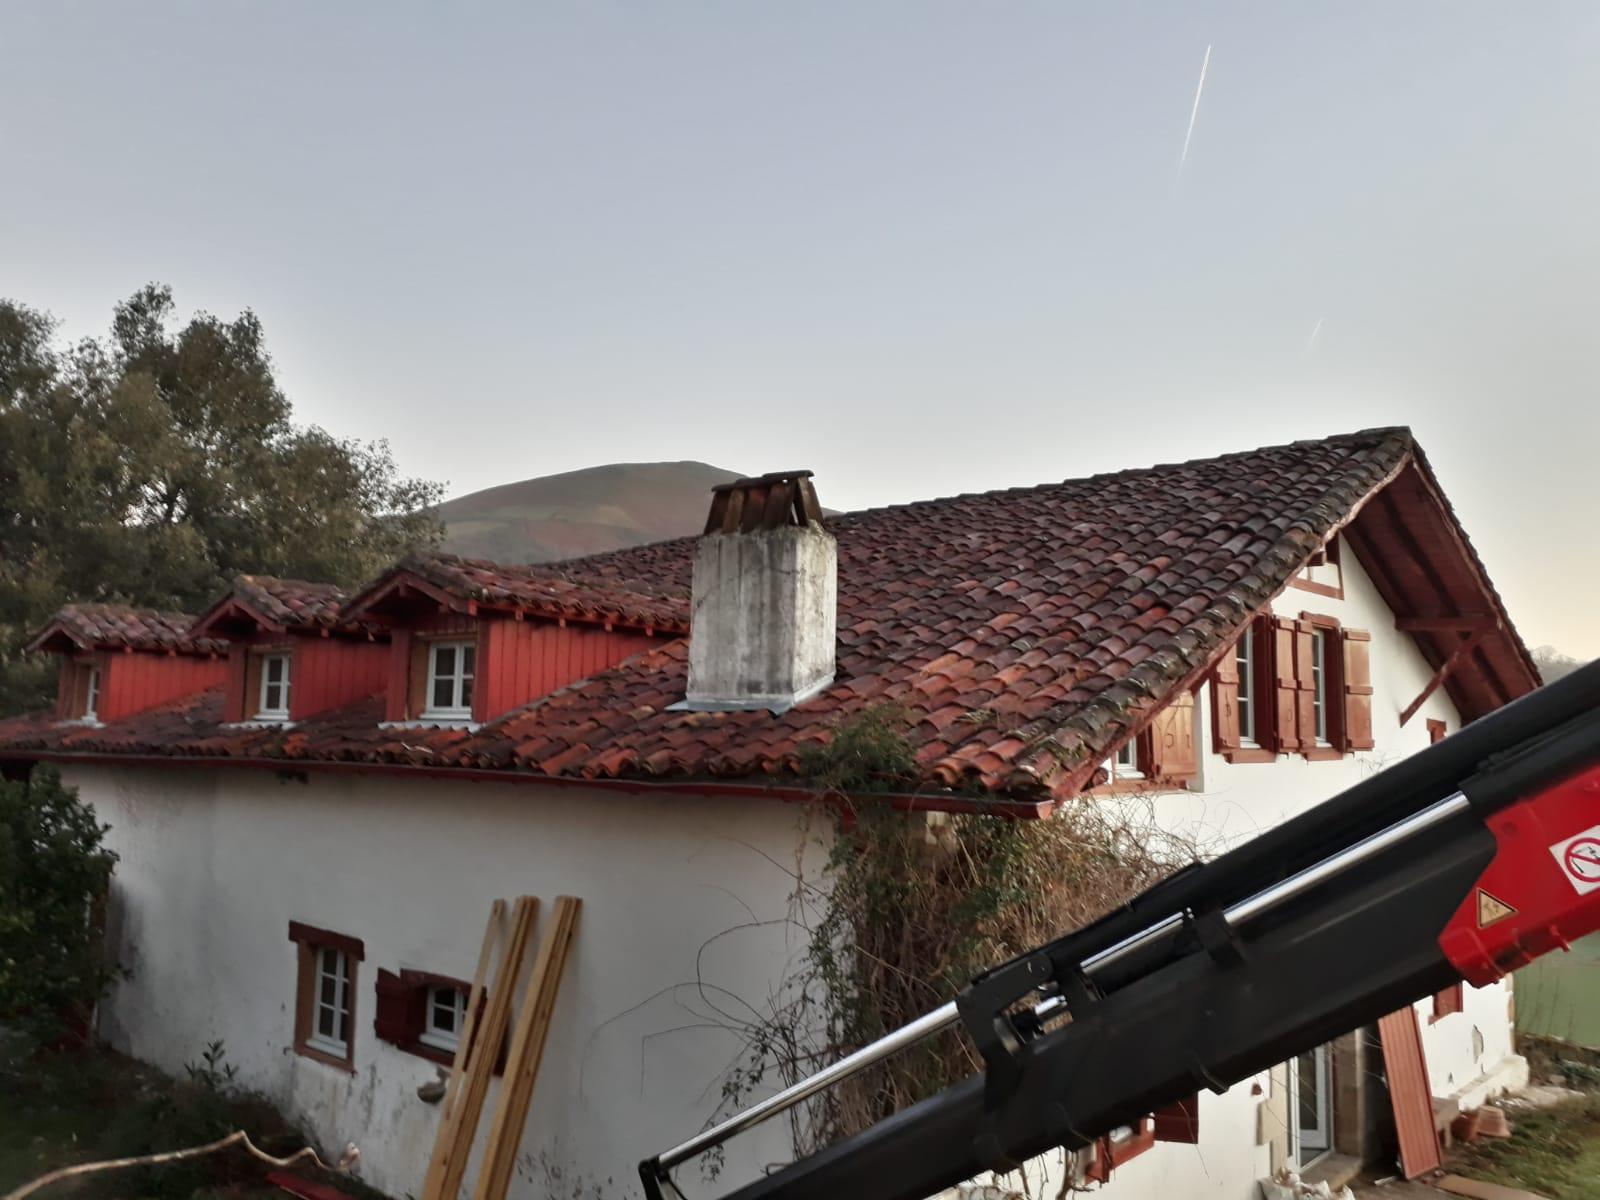 Rénovation toiture, isolation et zinguerie